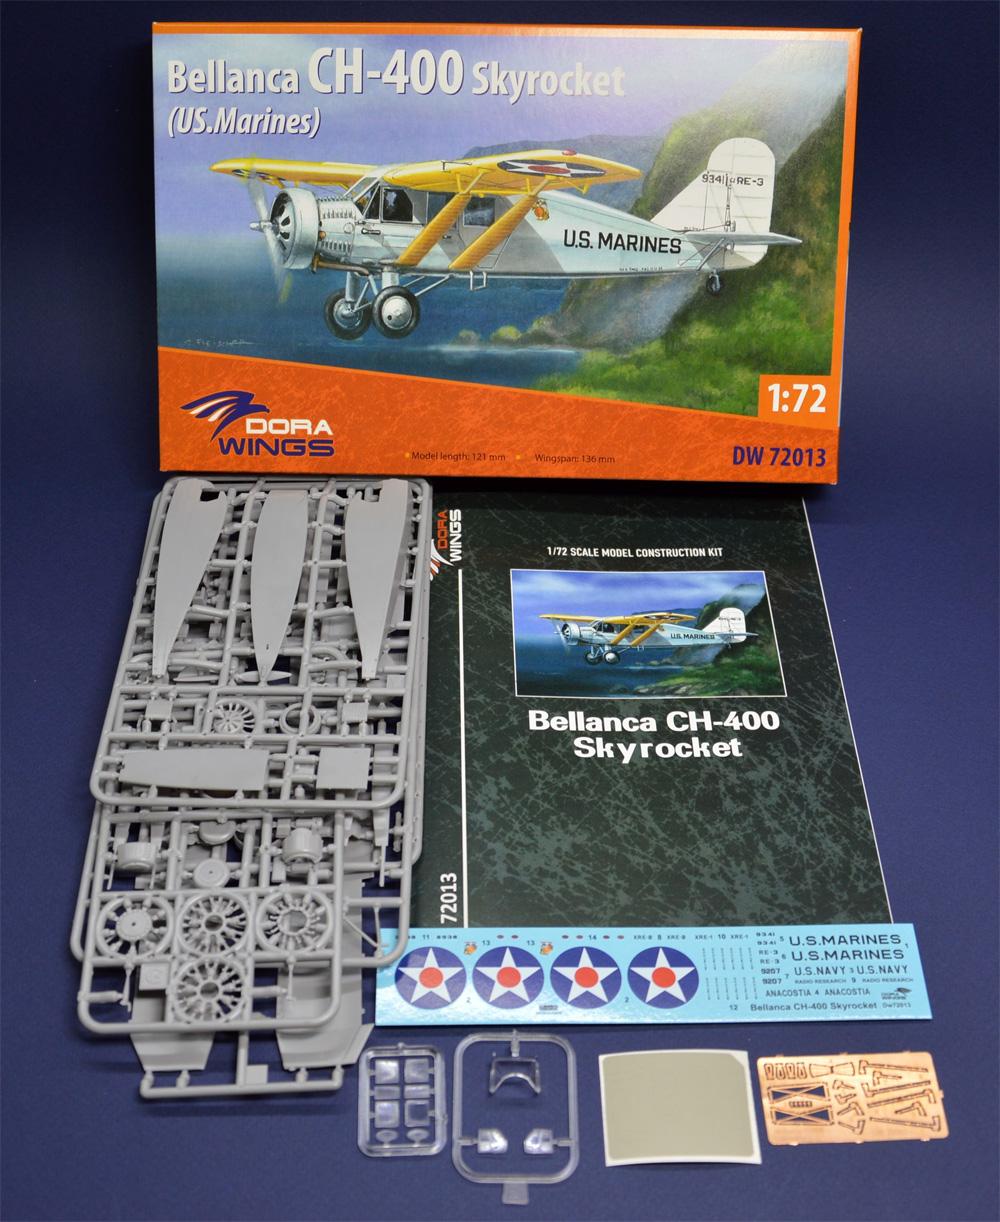 べランカ CH-400 スカイロケット (アメリカ海軍)プラモデル(ドラ ウイングス1/72 エアクラフト プラモデルNo.DW72013)商品画像_1